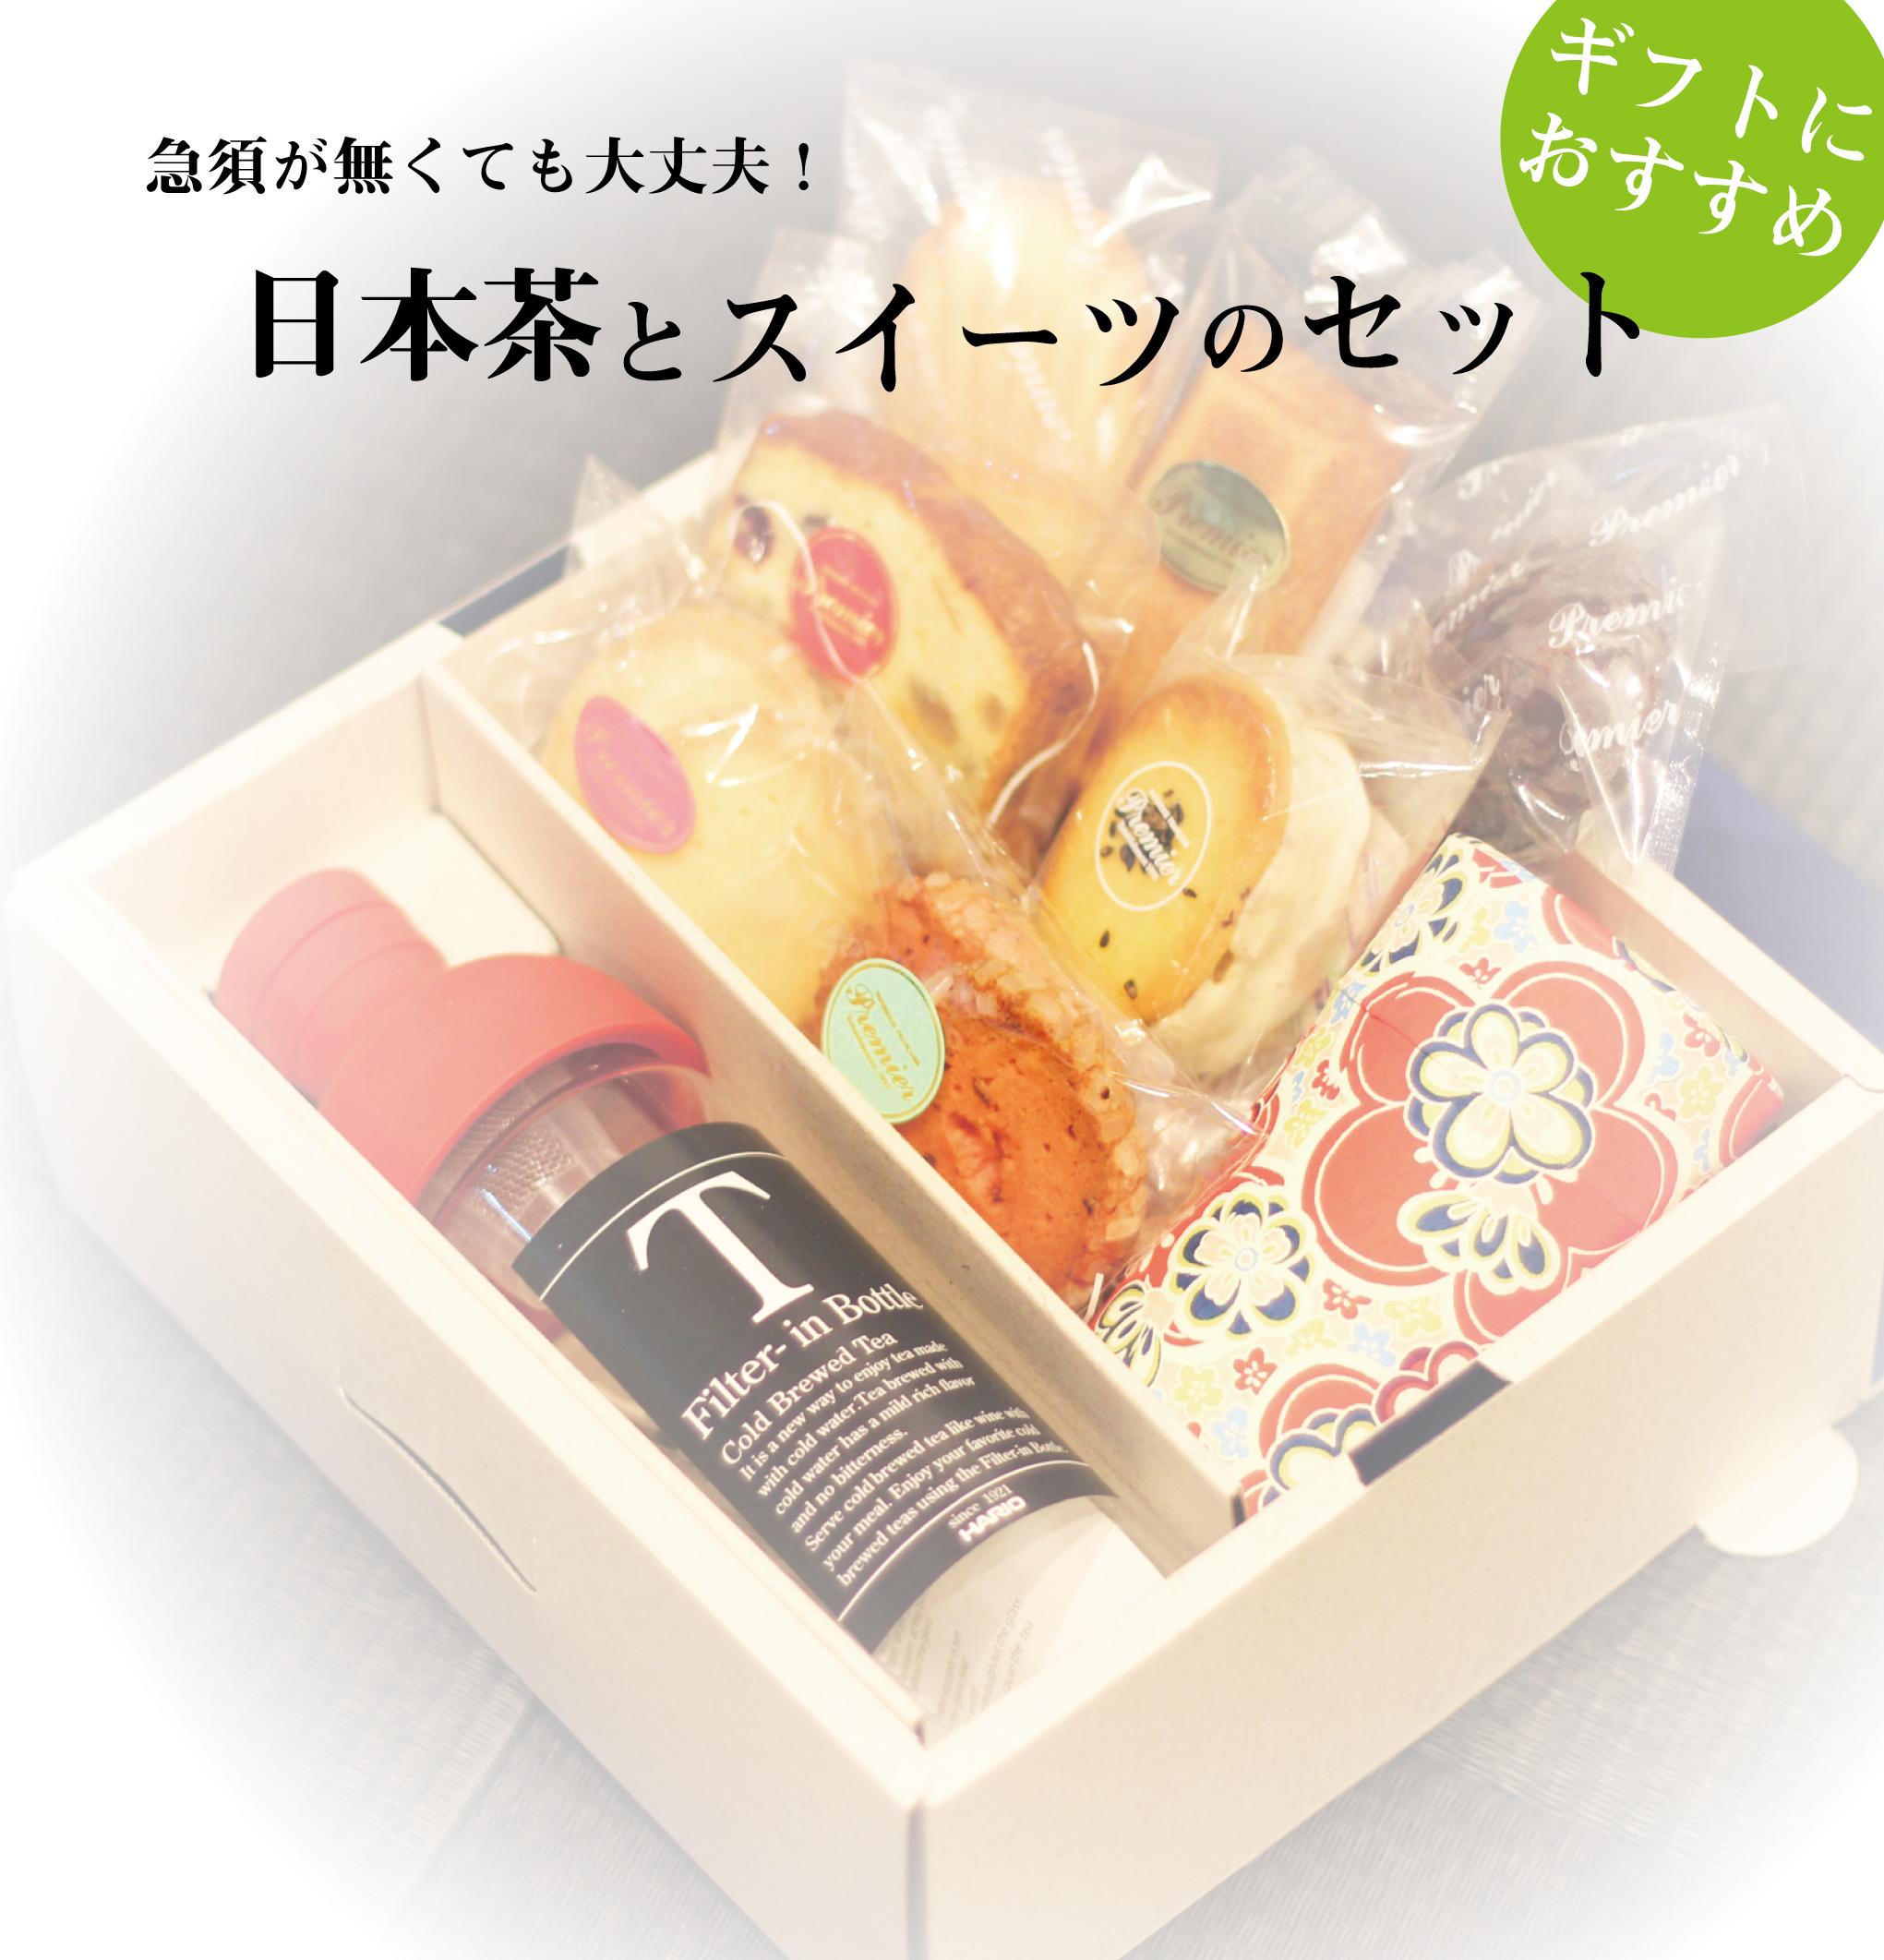 ギフトにおすすめ!日本茶とスイーツのセット